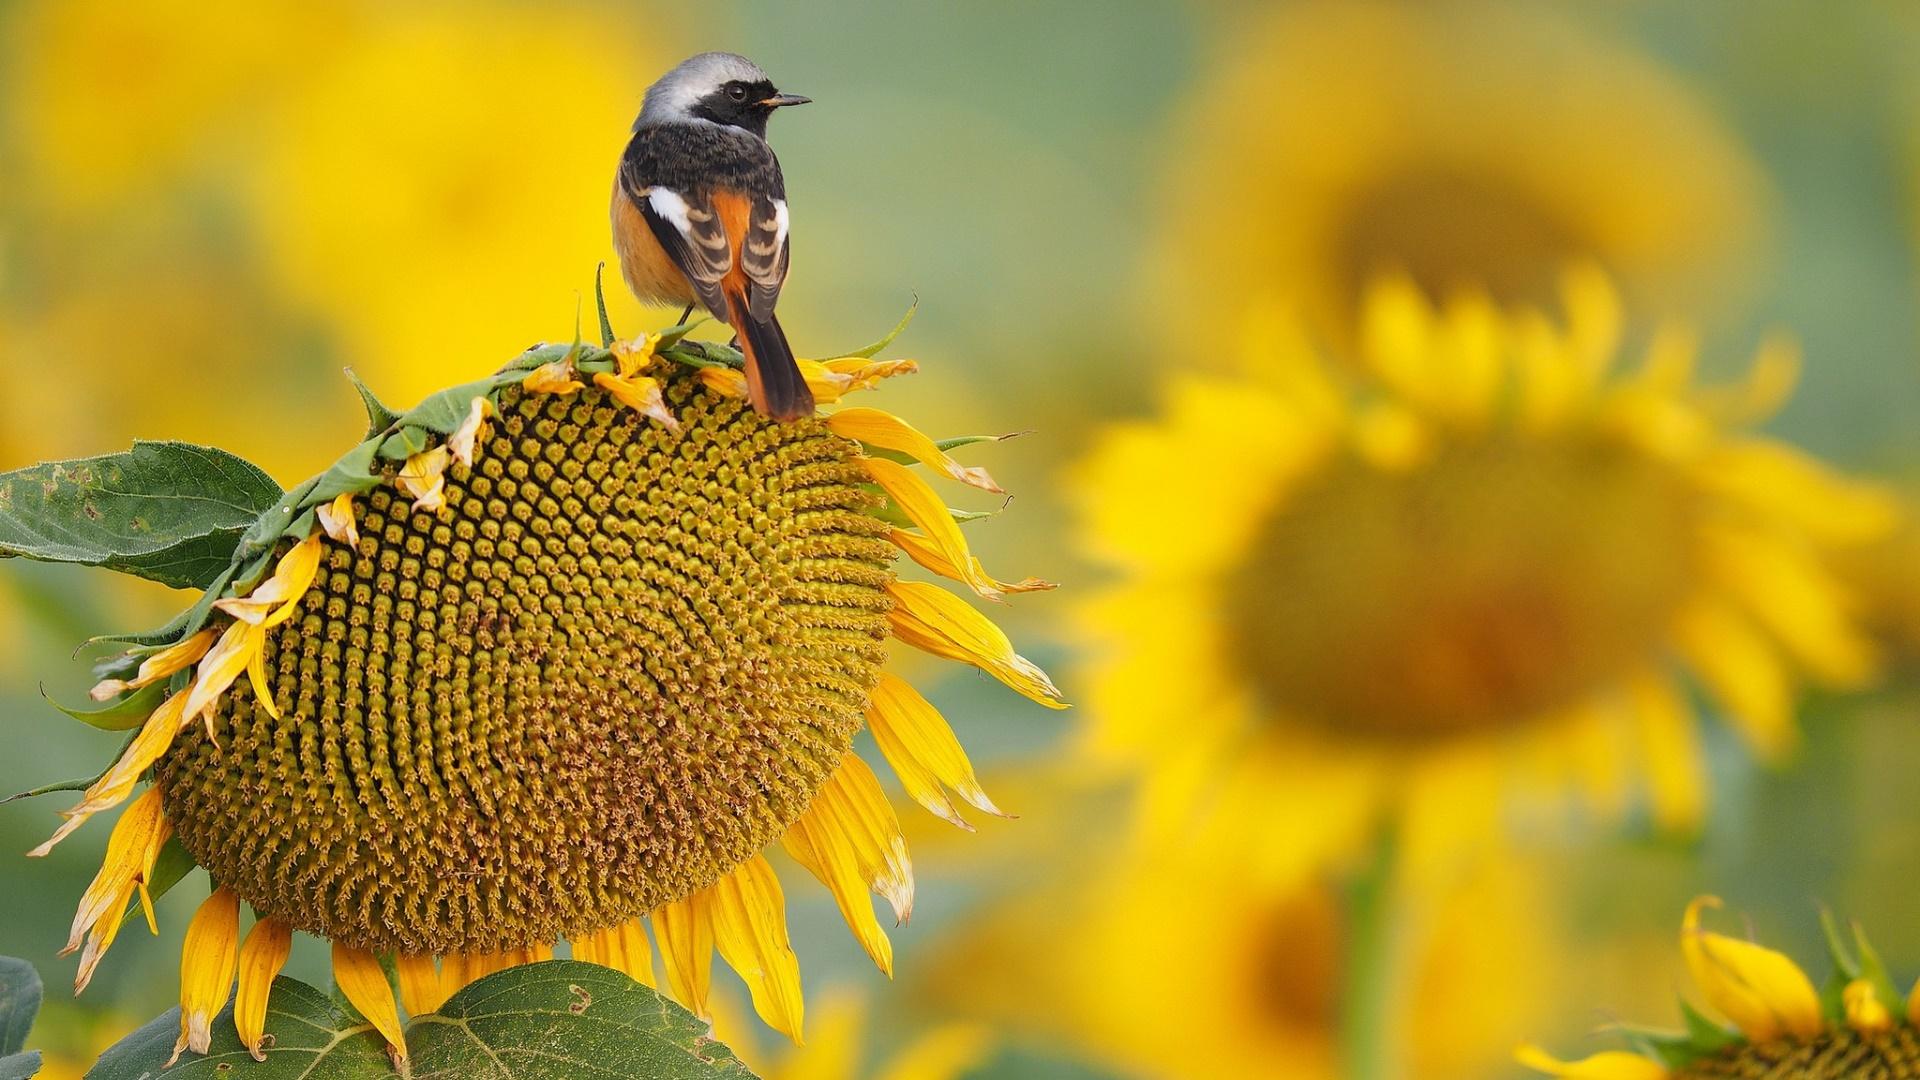 Little bird on a sunflower wallpaper